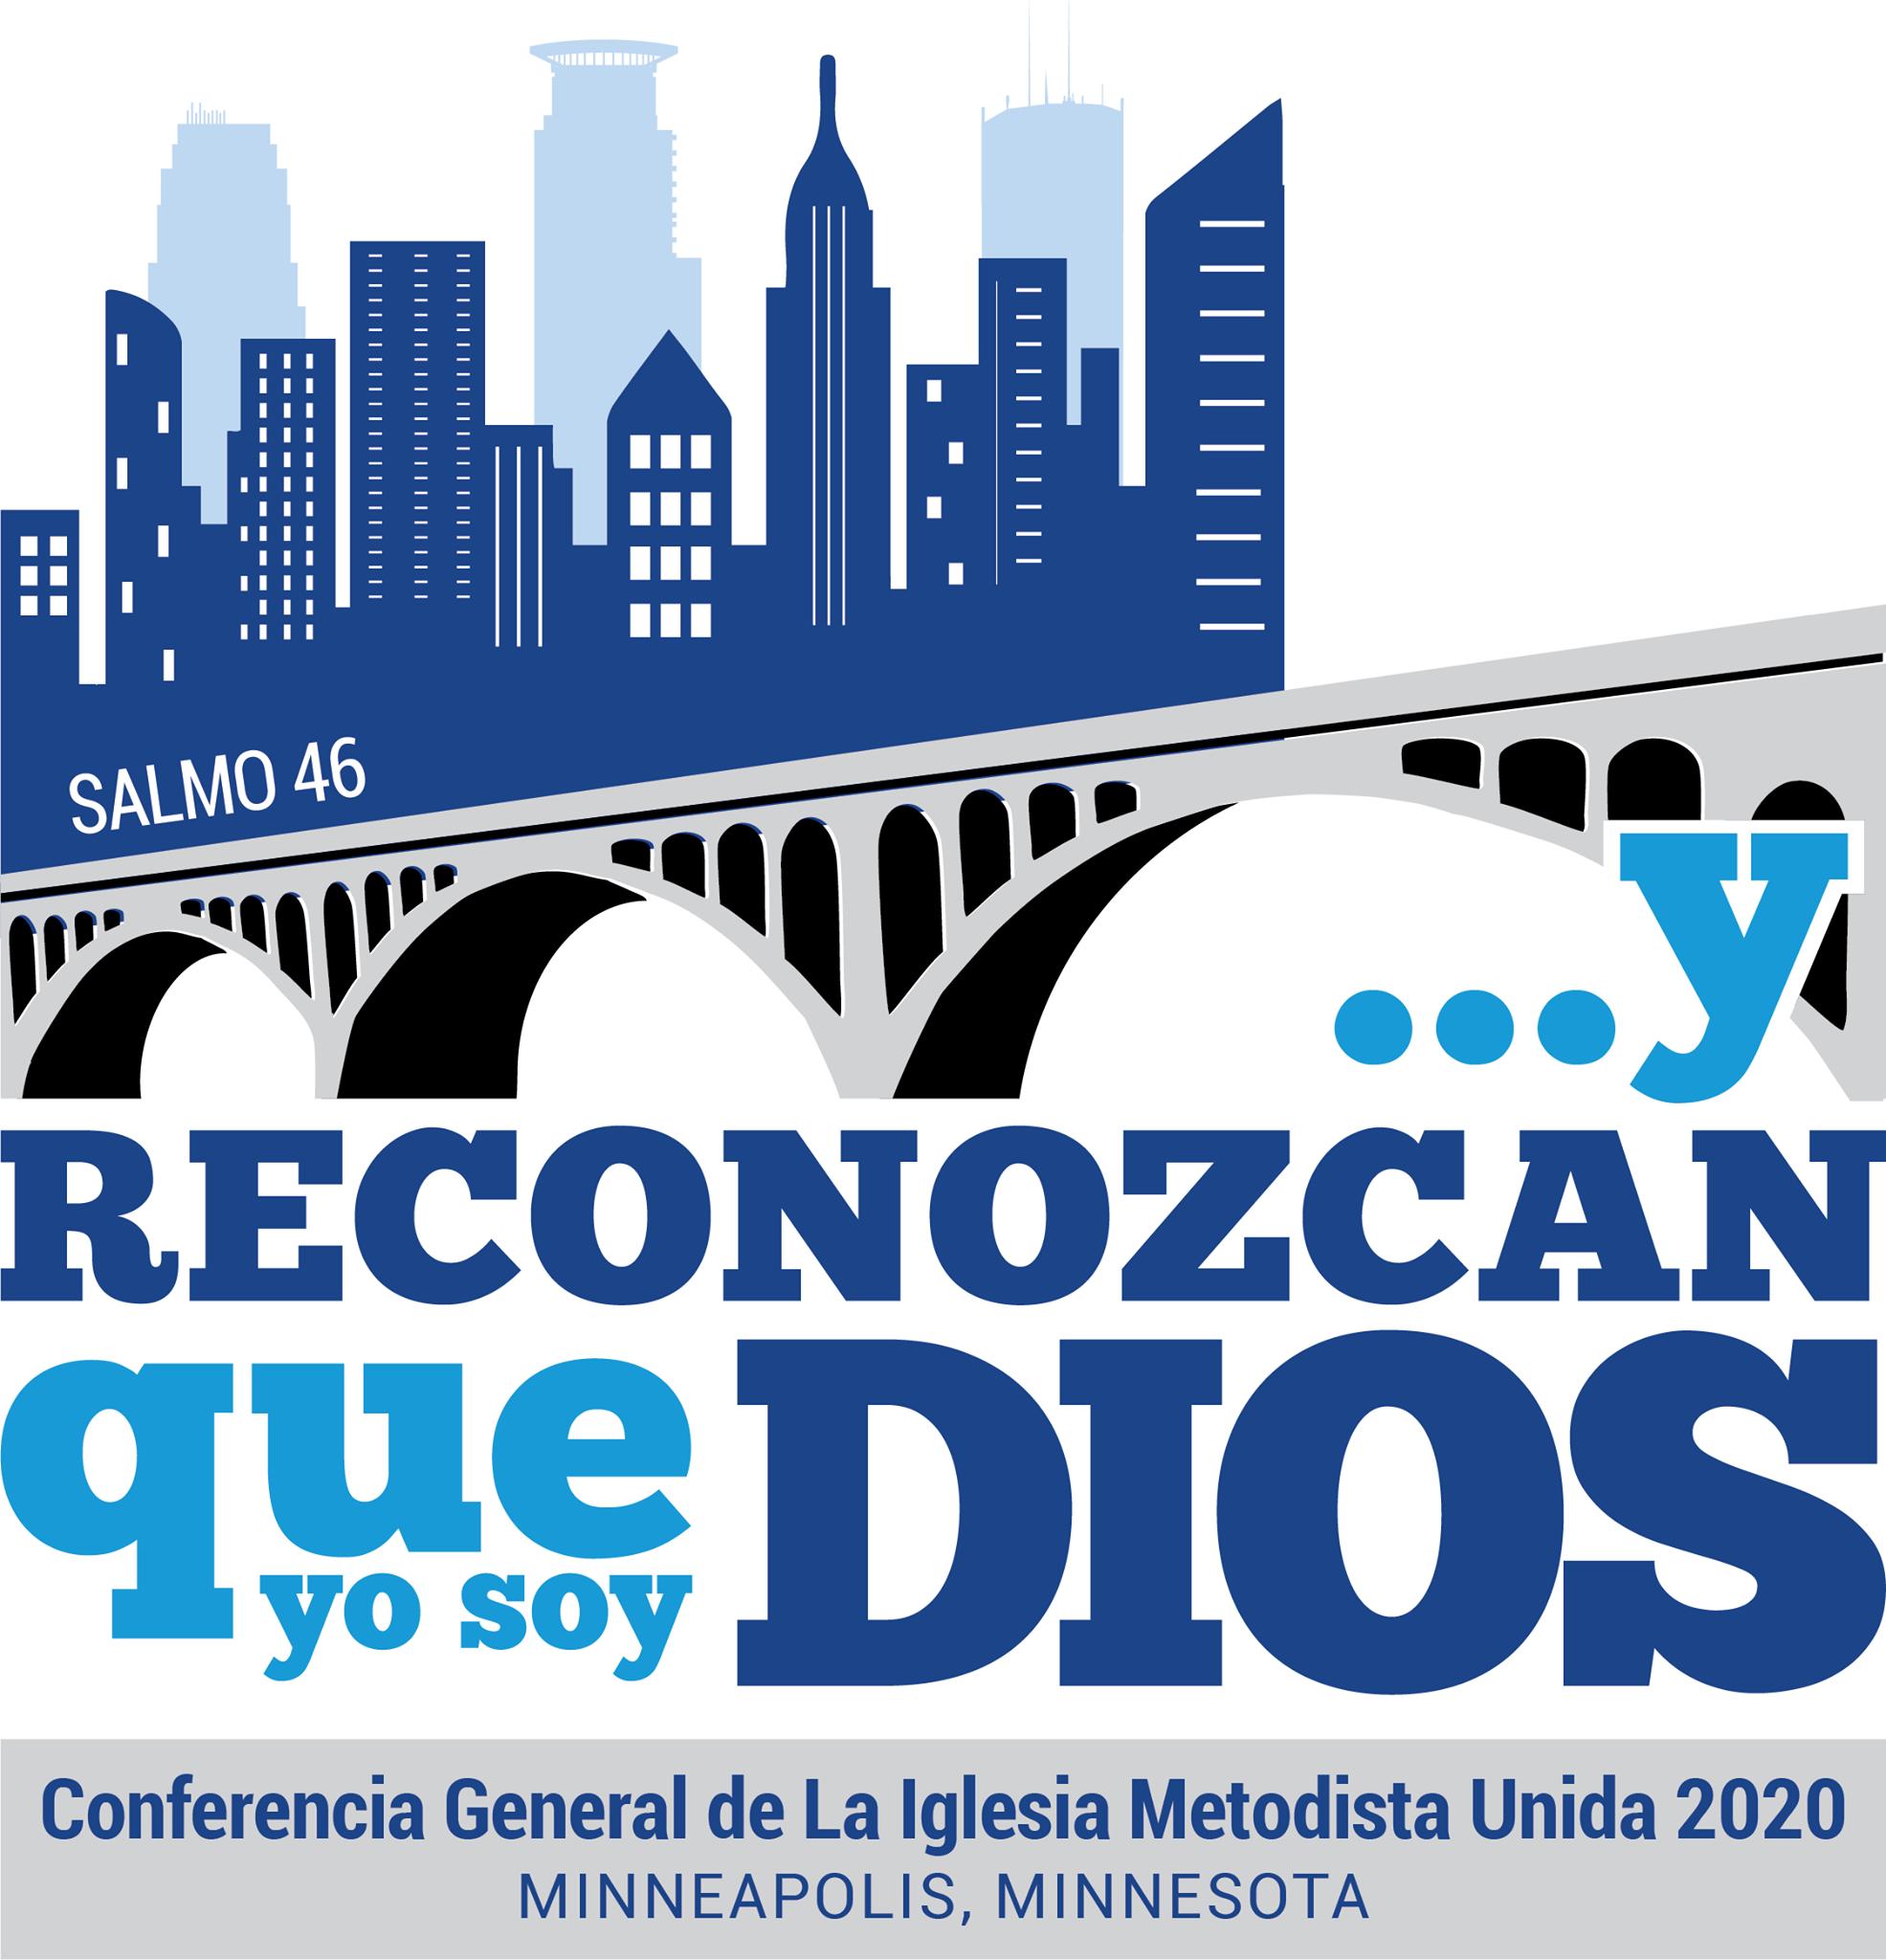 El logotipo oficial de la Conferencia General de 2020 de la IMU. Gráfico cortesía de Comunicaciones Metodistas Unidas.